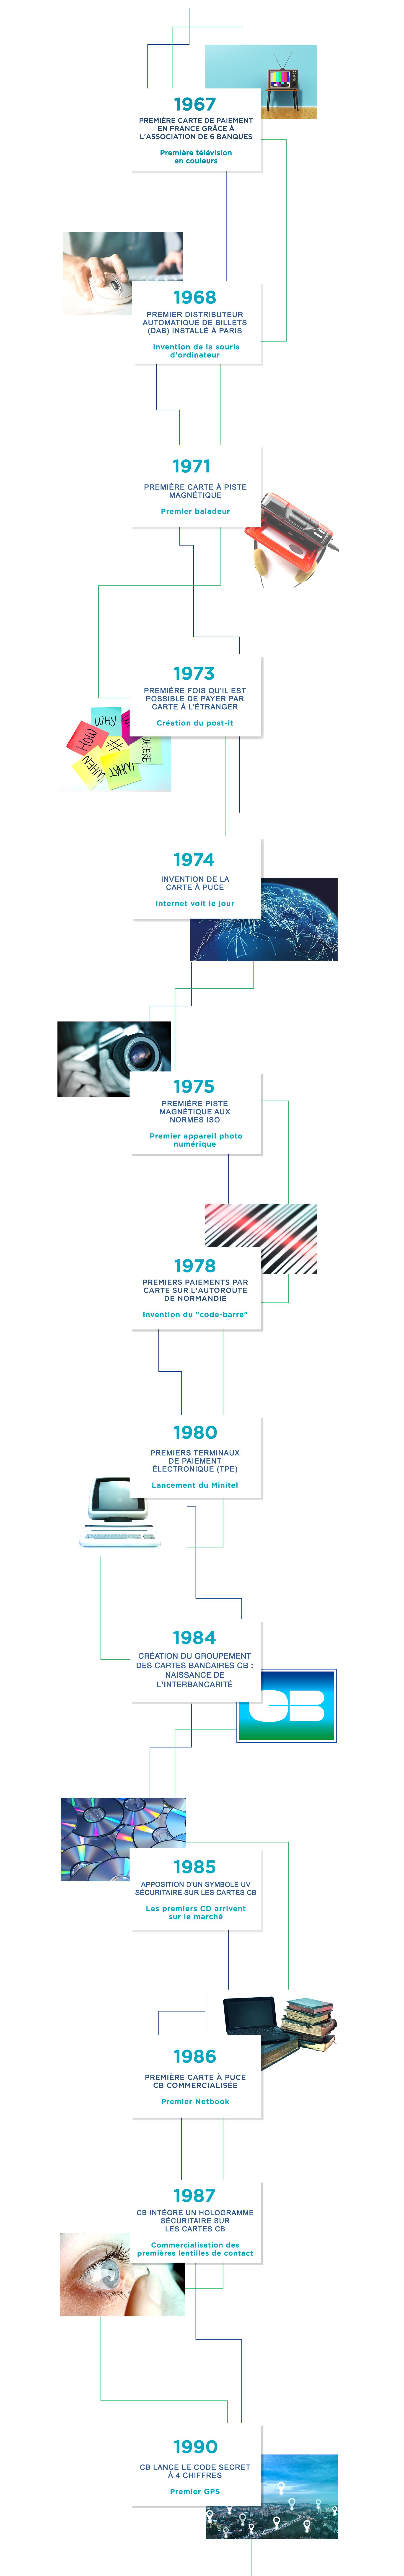 Histoire CB de 1967 à 1990